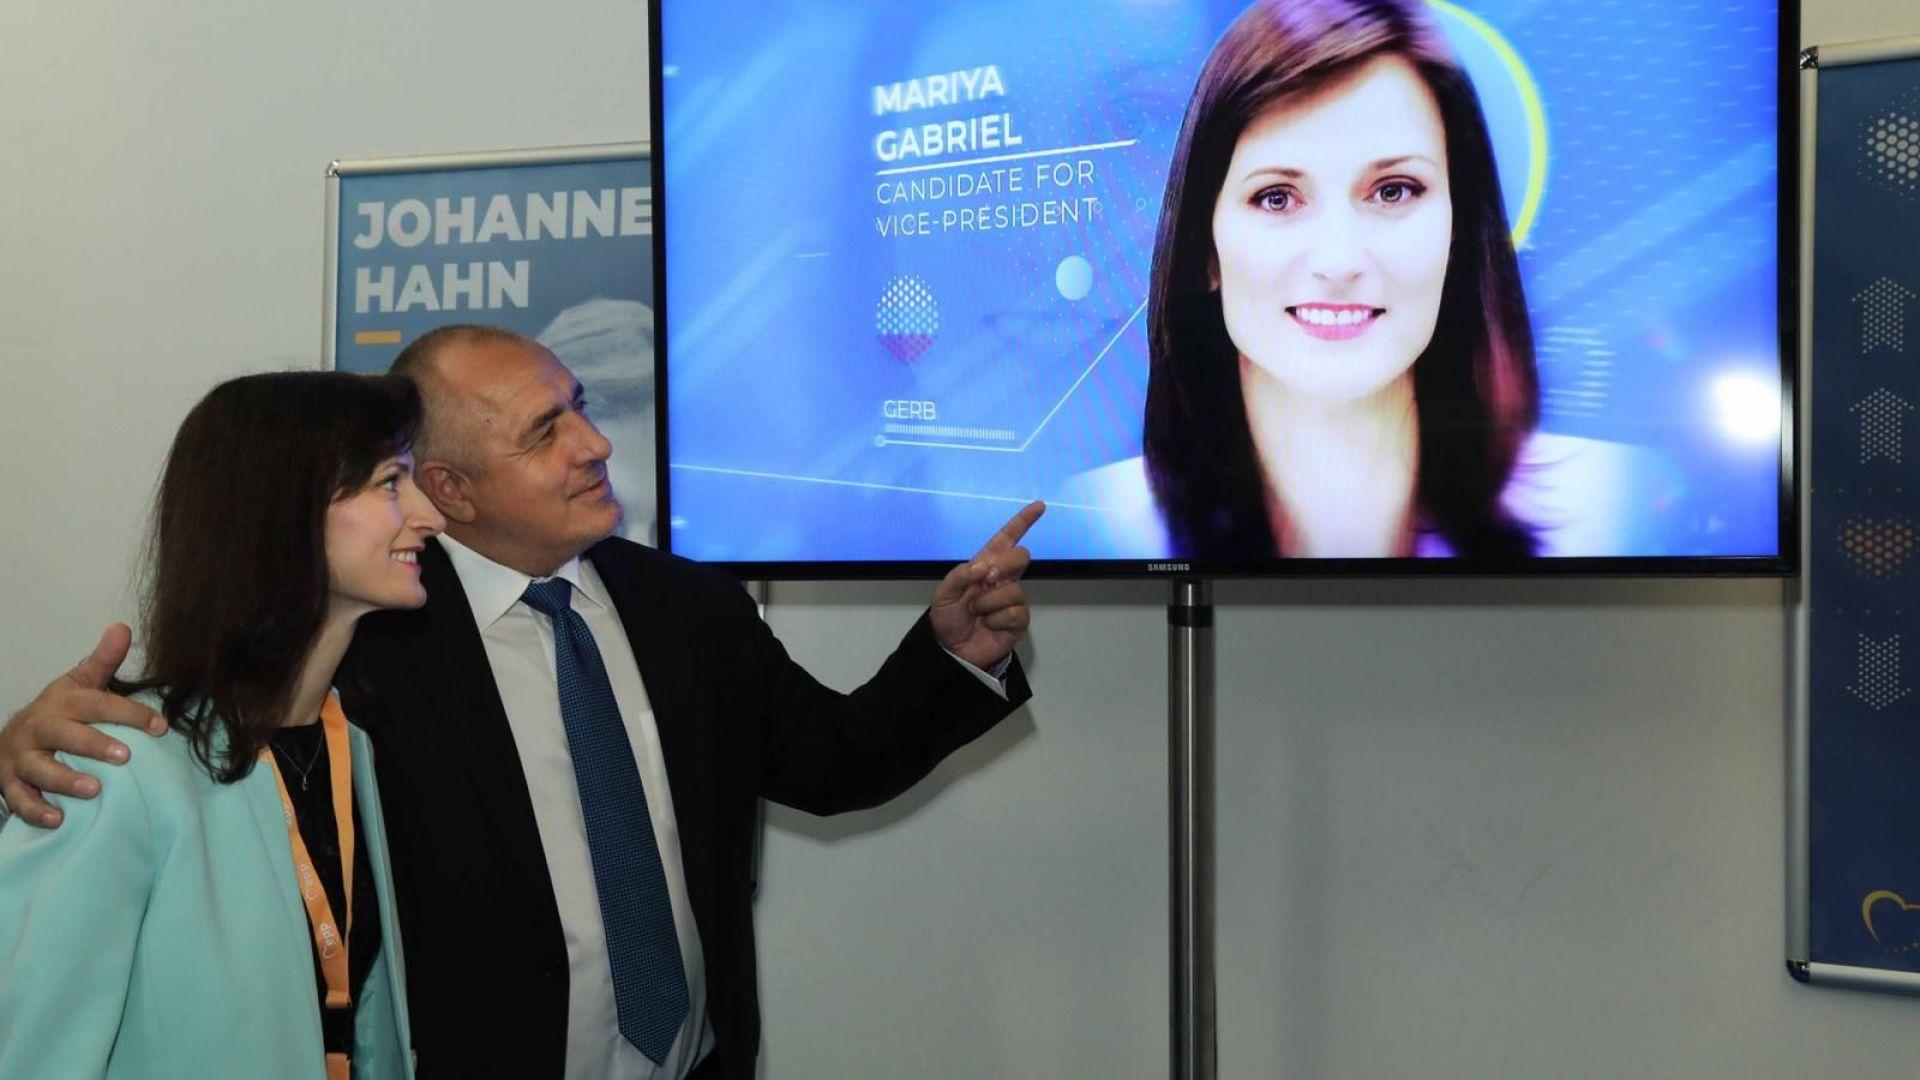 Борисов: Избирането на Габриел за зам.-председател на ЕНП ще бъде голямо признание за България и ГЕРБ